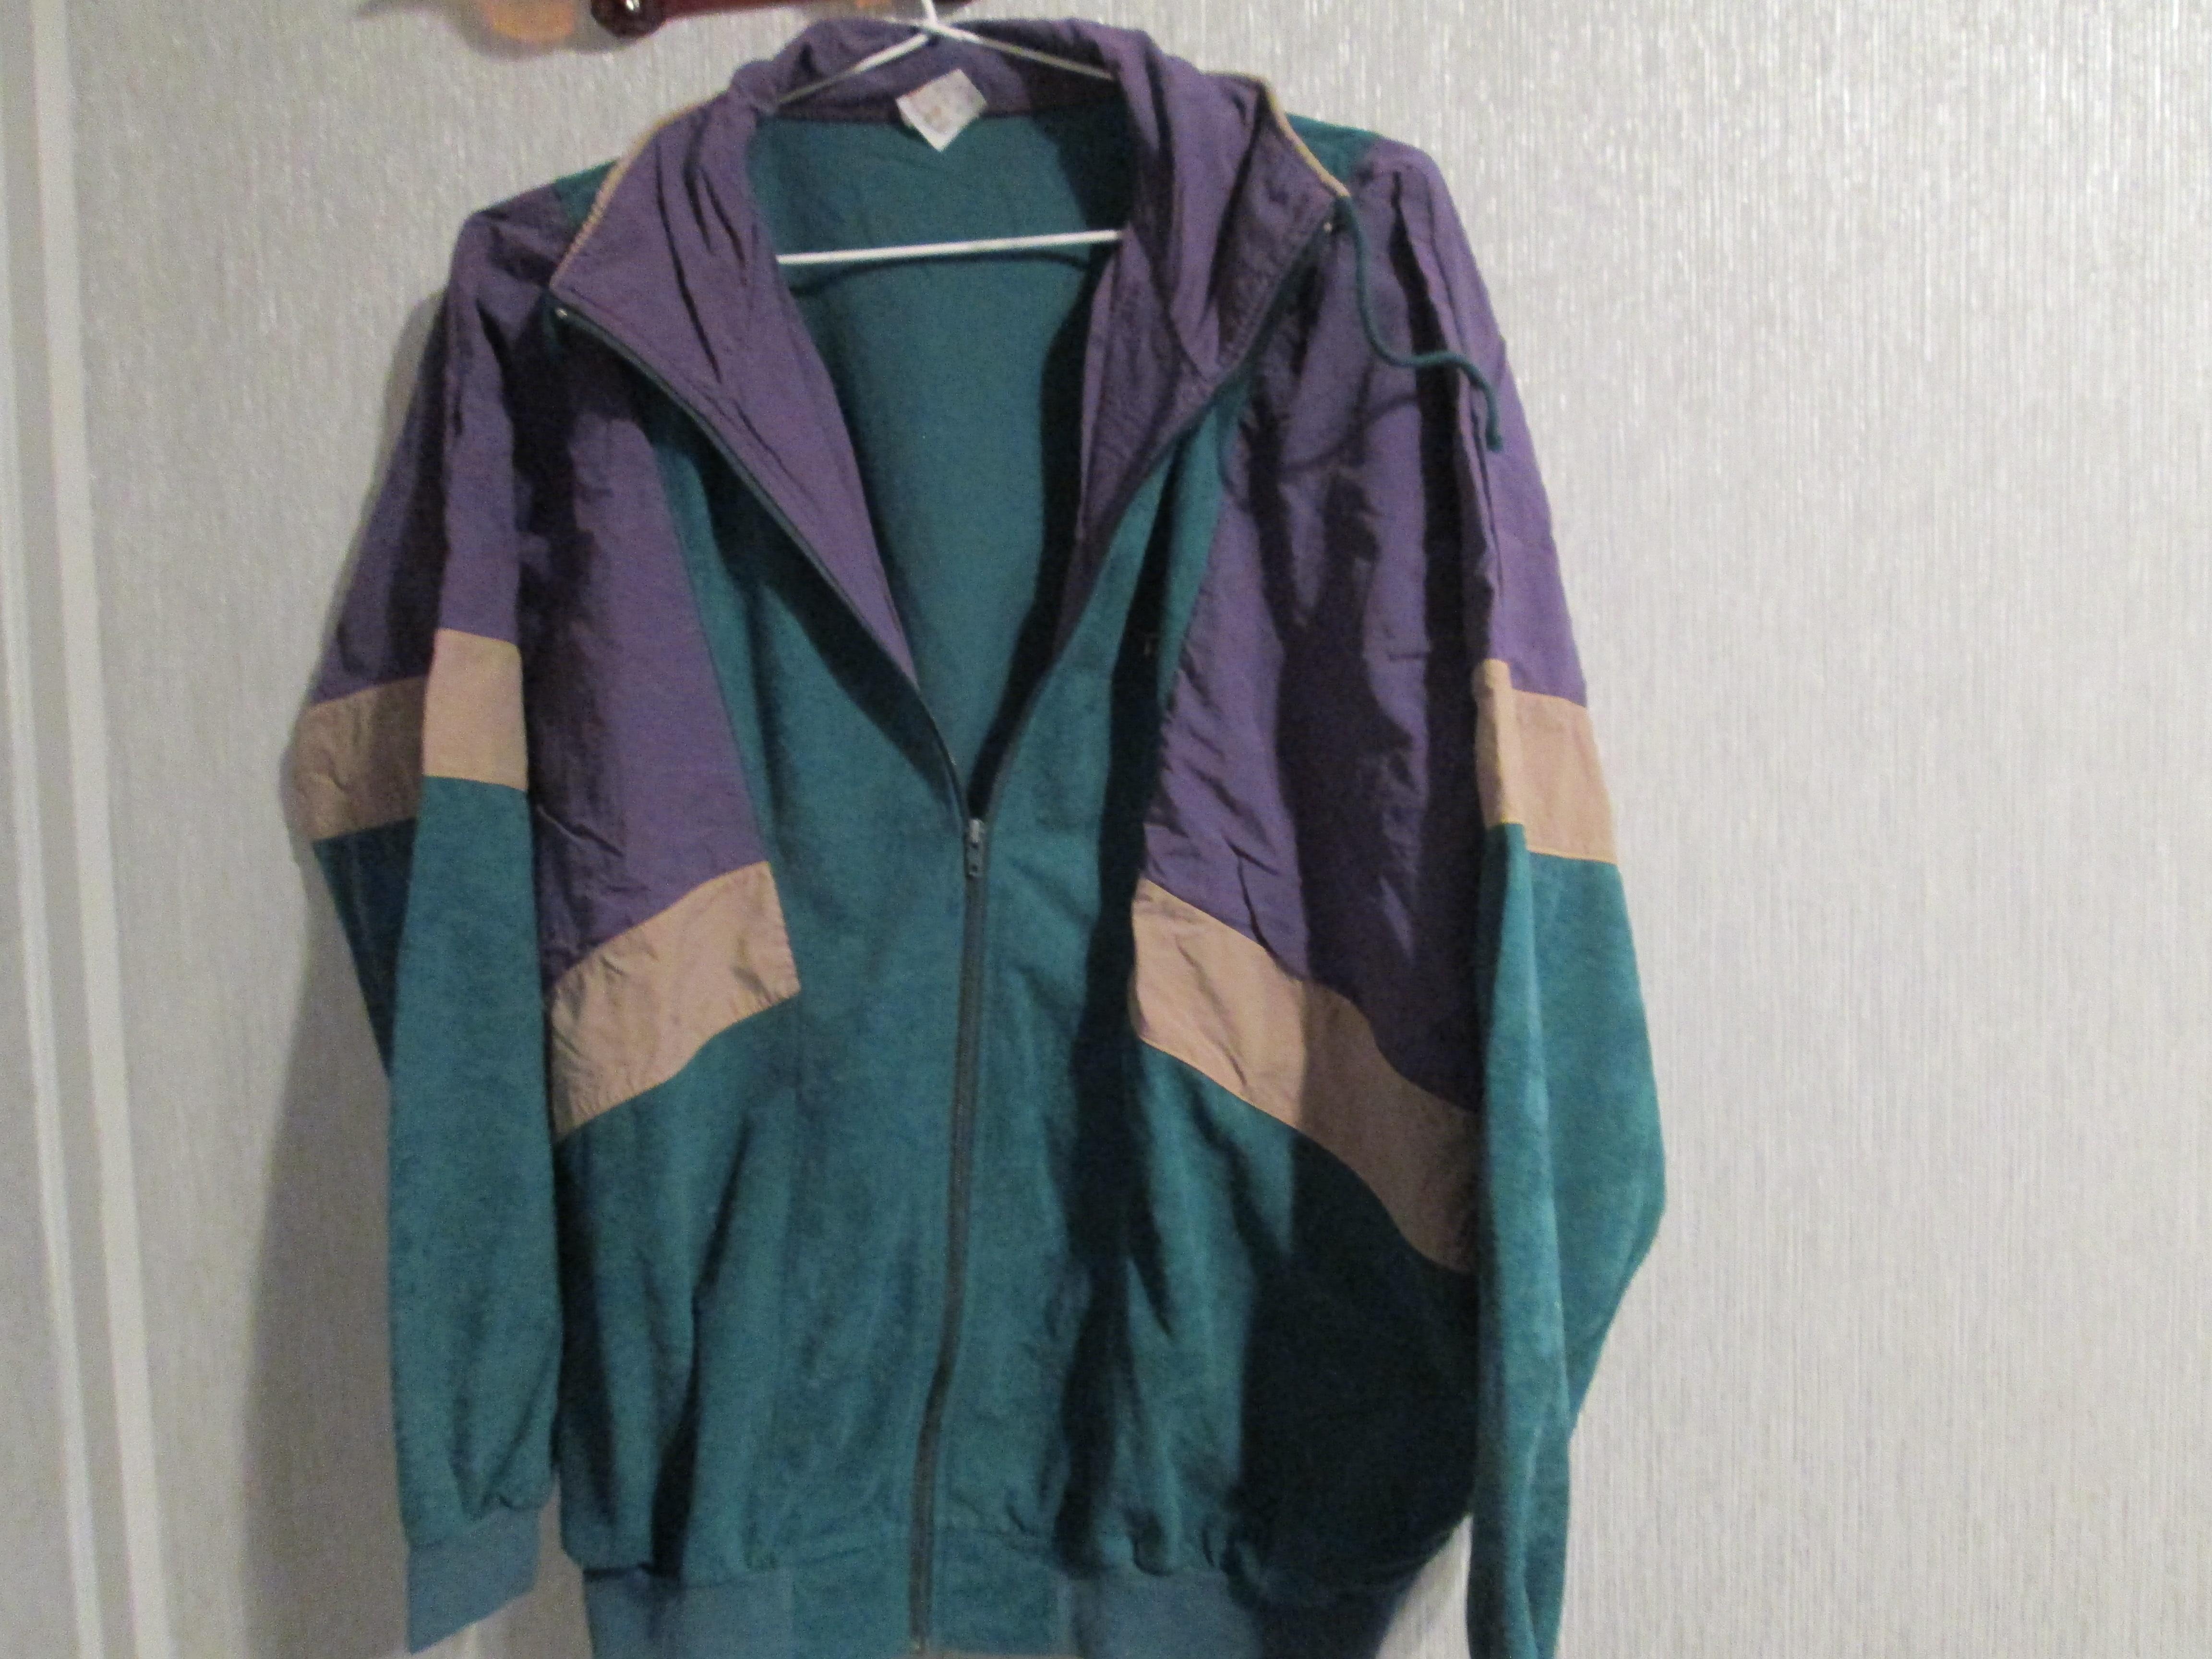 troc de troc veste de survetement verte et mauve  12 noisettes taille 44 image 0